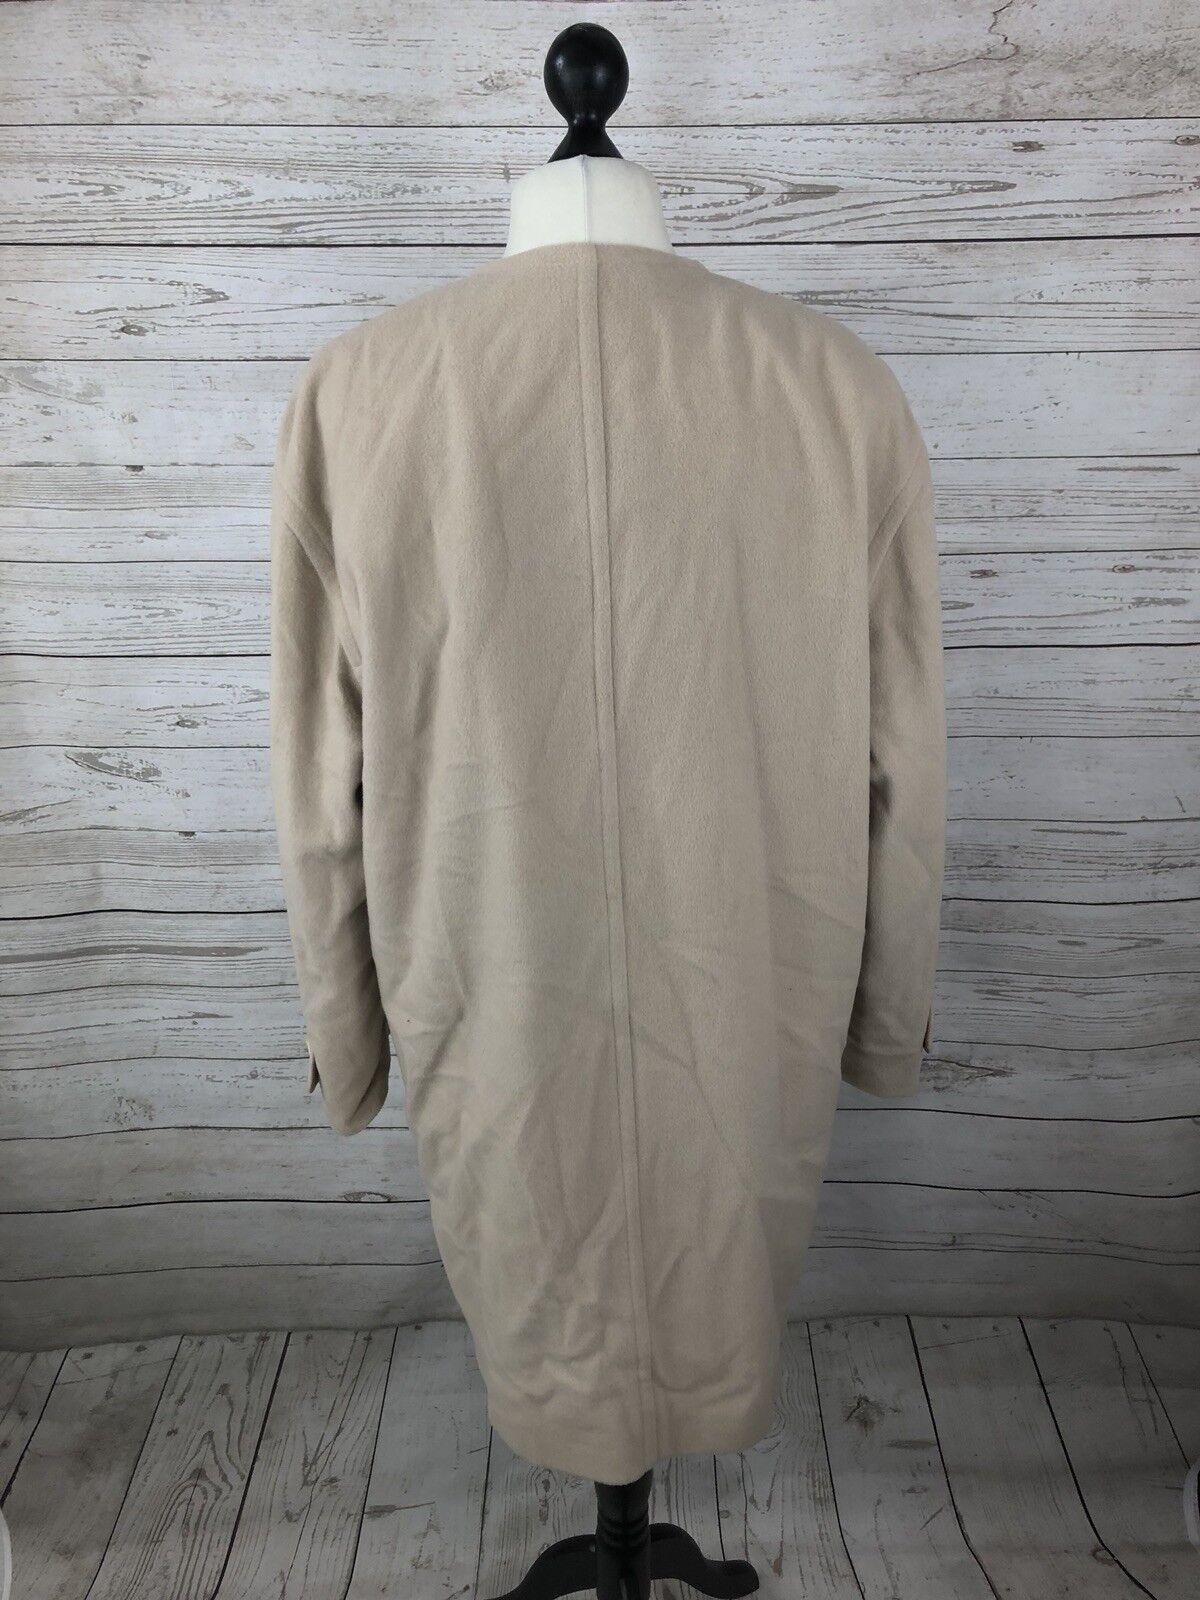 AUSTIN REED Vintage Overcoat Overcoat Overcoat - UK14 - Wool & Cashmere - Great Condition -damen's | Deutschland Berlin  | Um Sowohl Die Qualität Der Zähigkeit Und Härte  | Jeder beschriebene Artikel ist verfügbar  e33e84